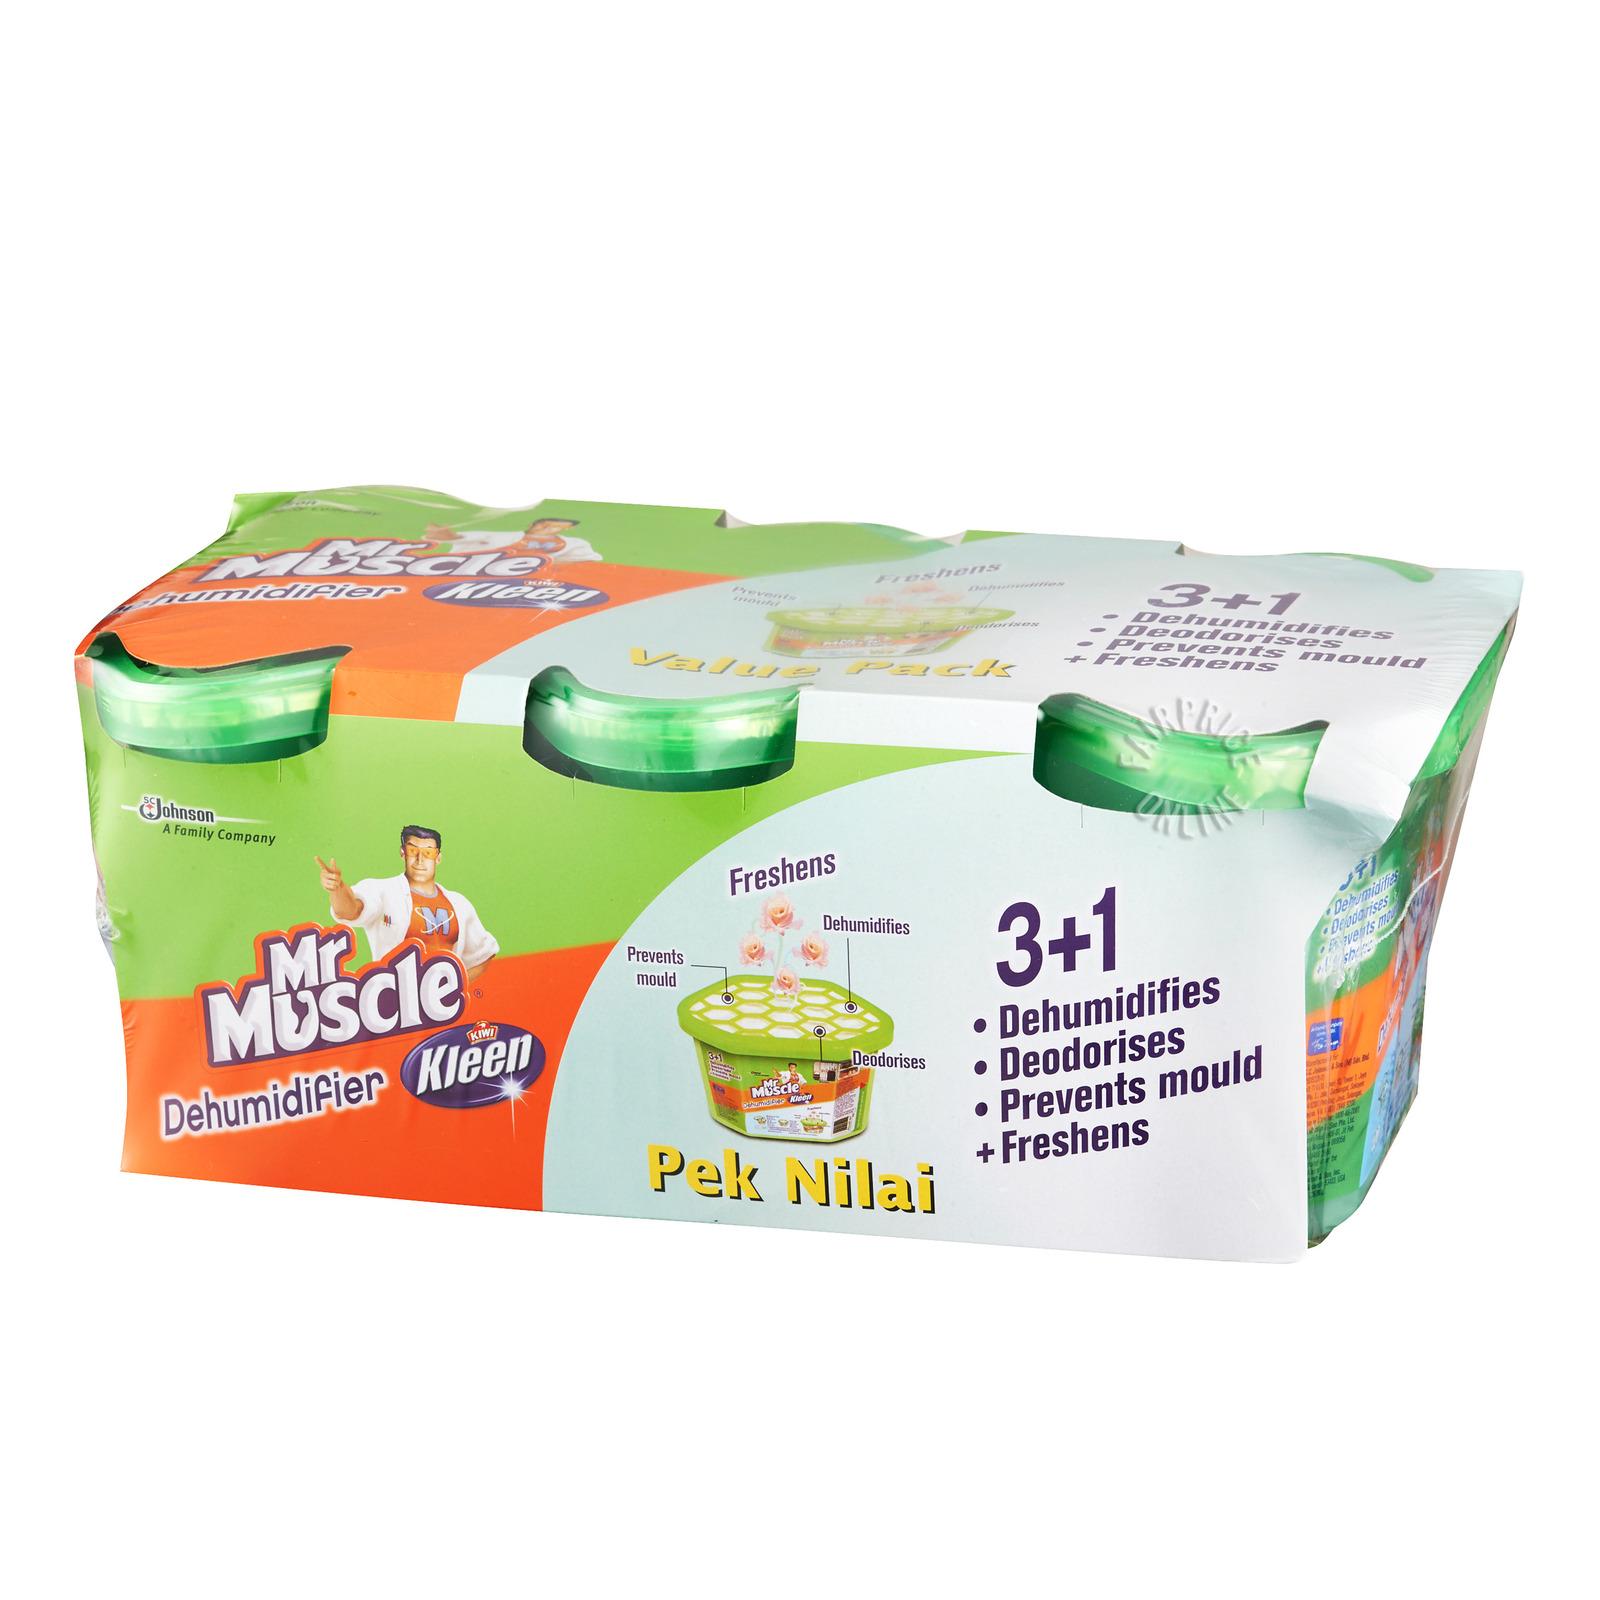 Mr Muscle 4 in 1 Dehumidifier